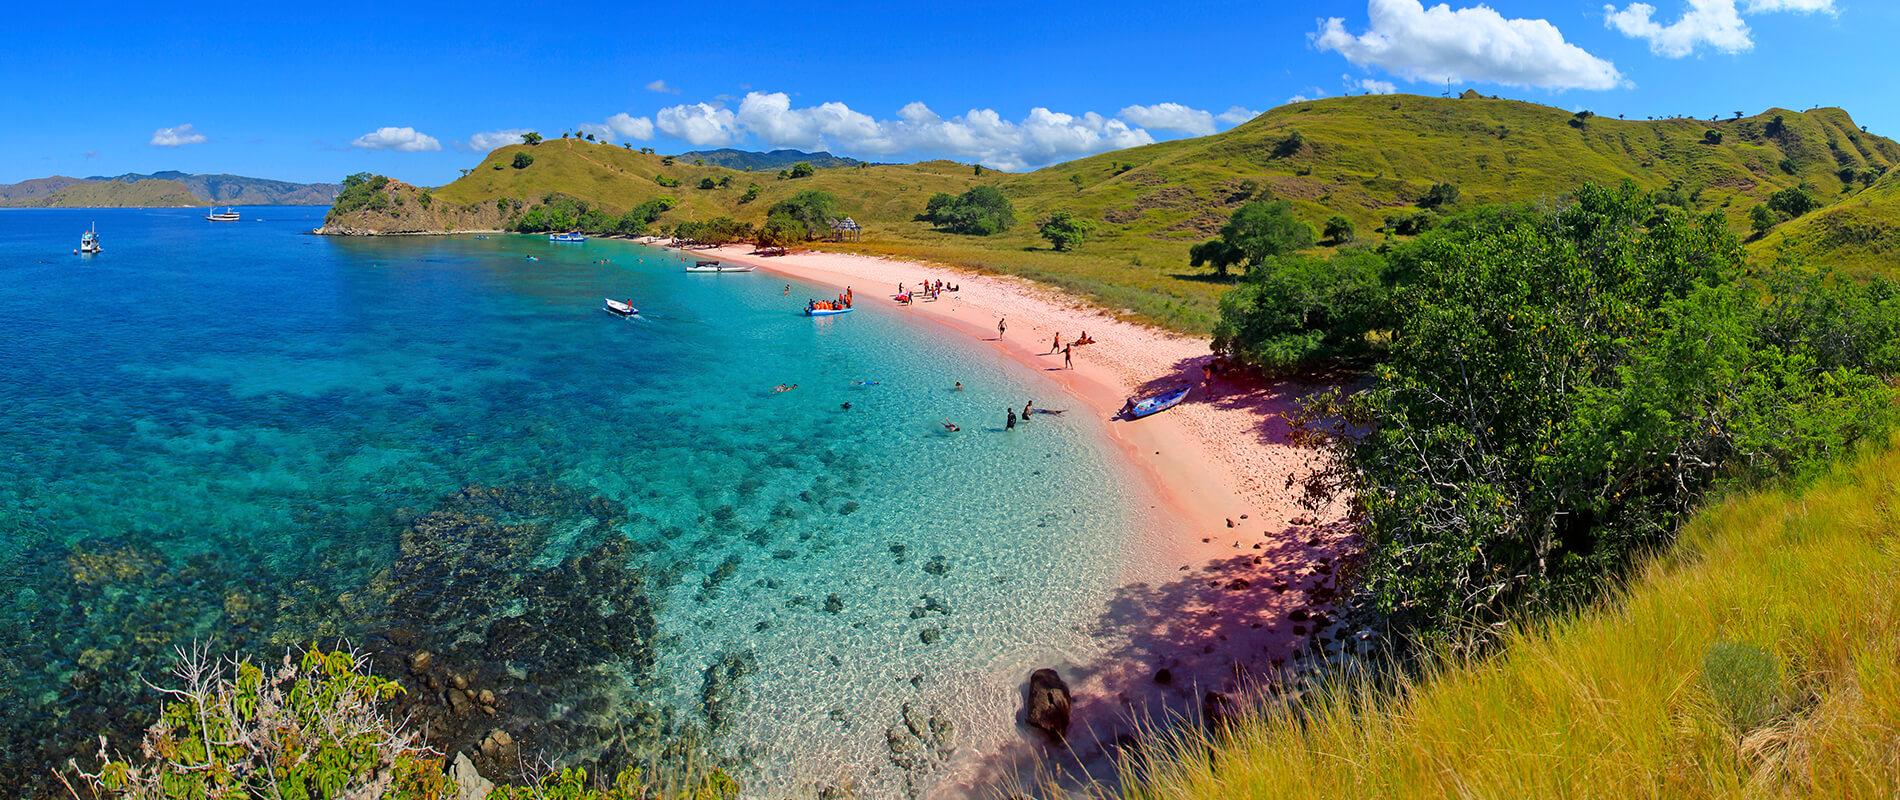 Pantai Merah, la spiaggia rosa dell'Indonesia